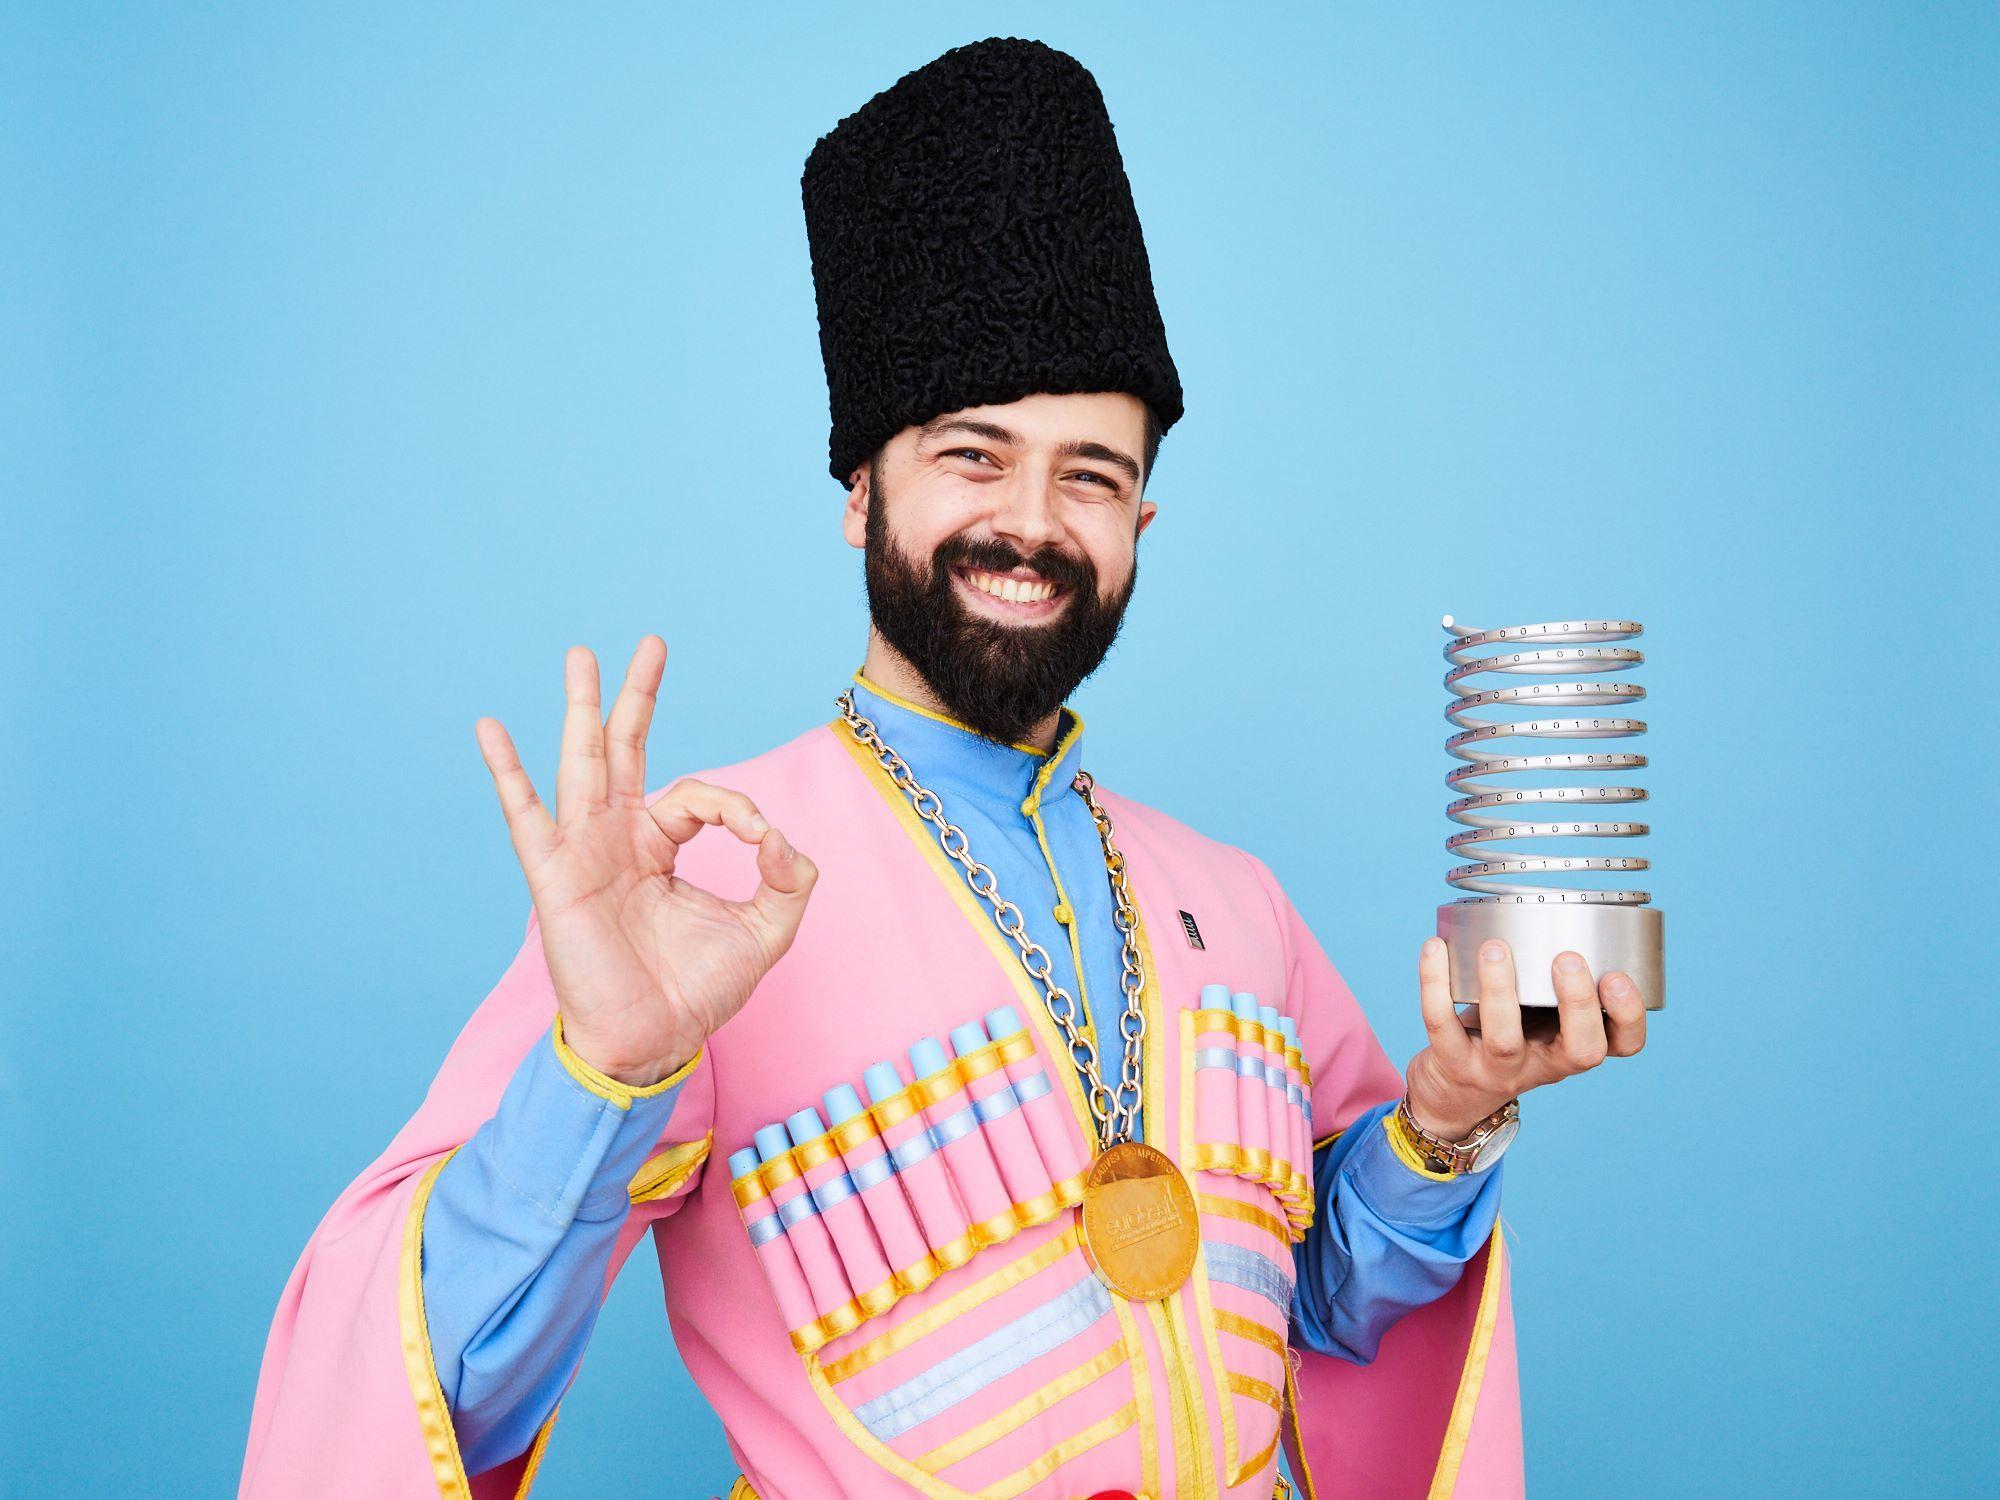 Он носит розовое: Грузия и цвето-гендерные нормы